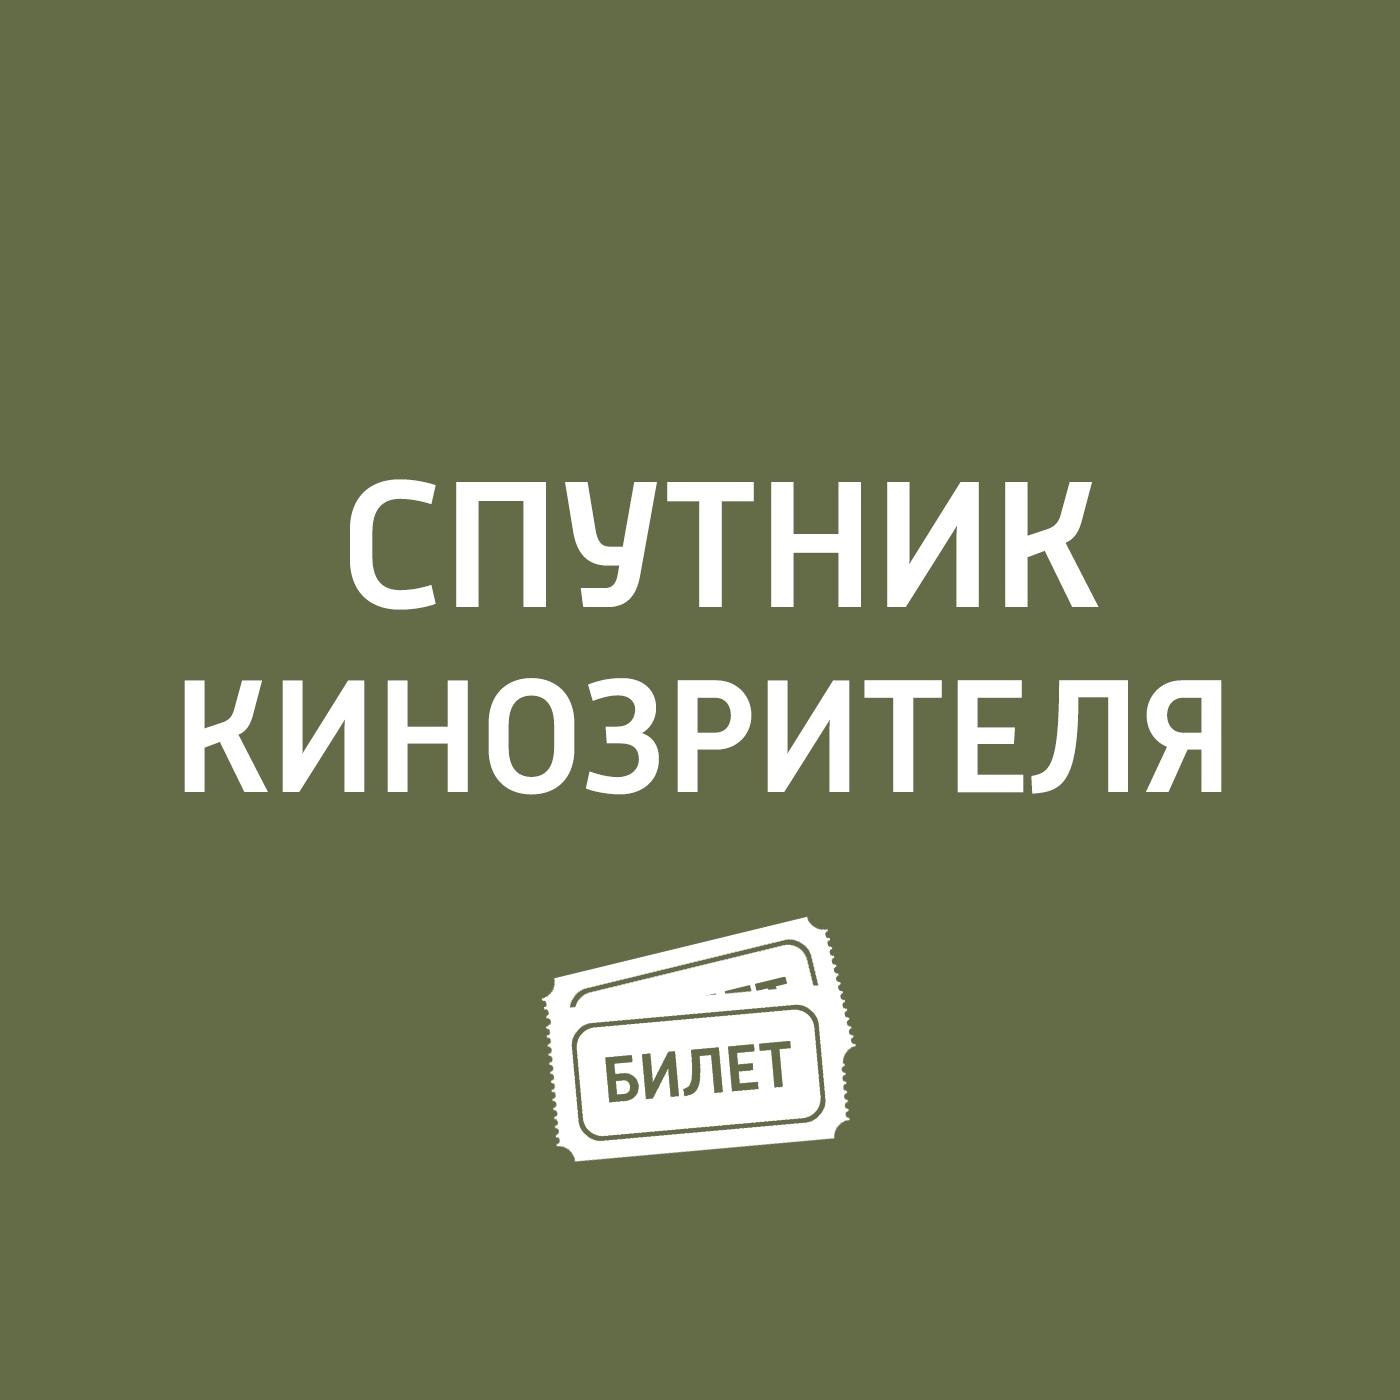 Антон Долин Премьеры. «Мама!